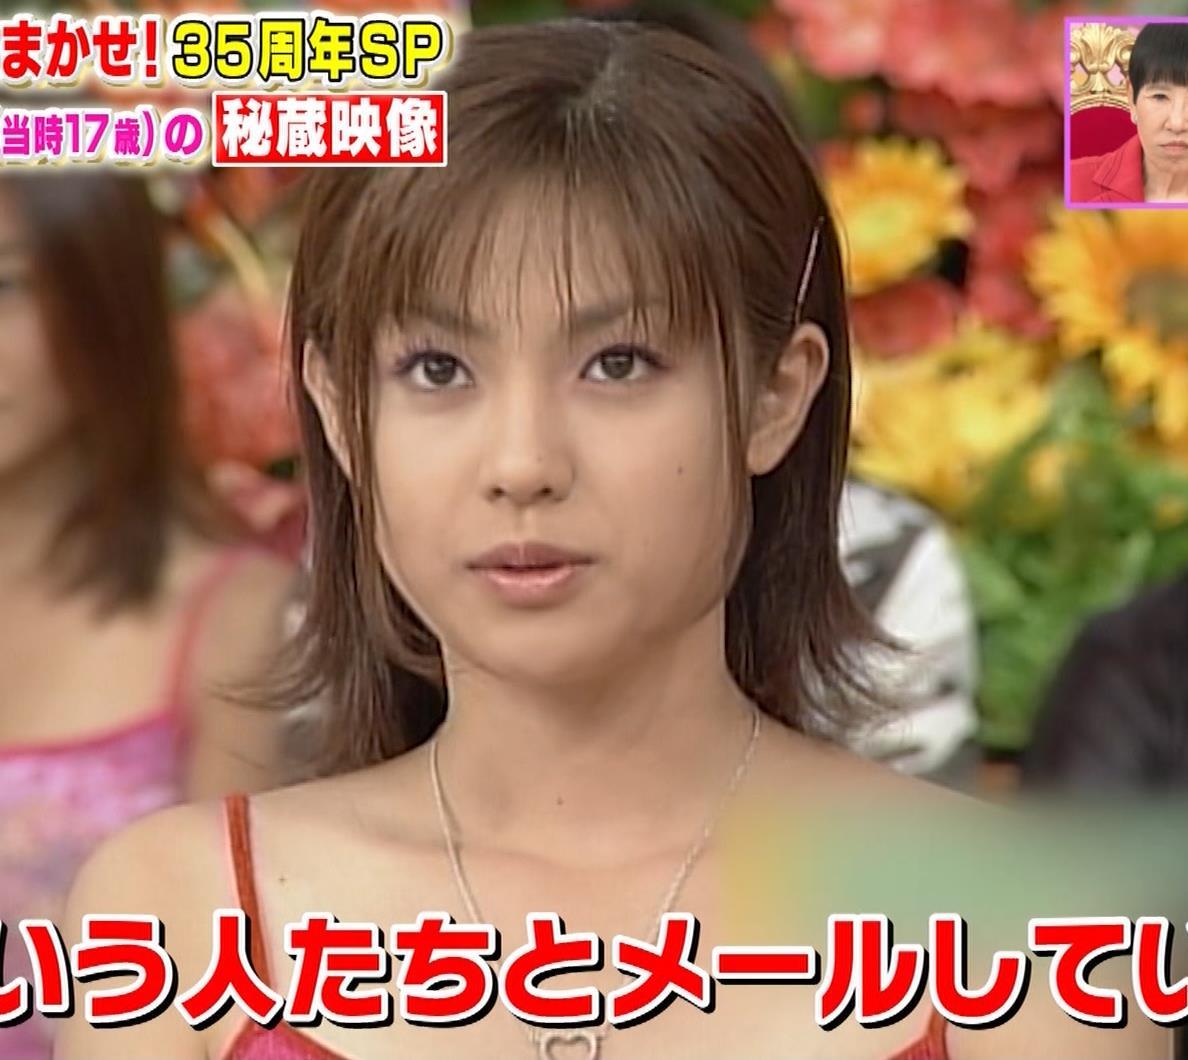 深田恭子 20年前のエロいキャミソール姿キャプ・エロ画像3